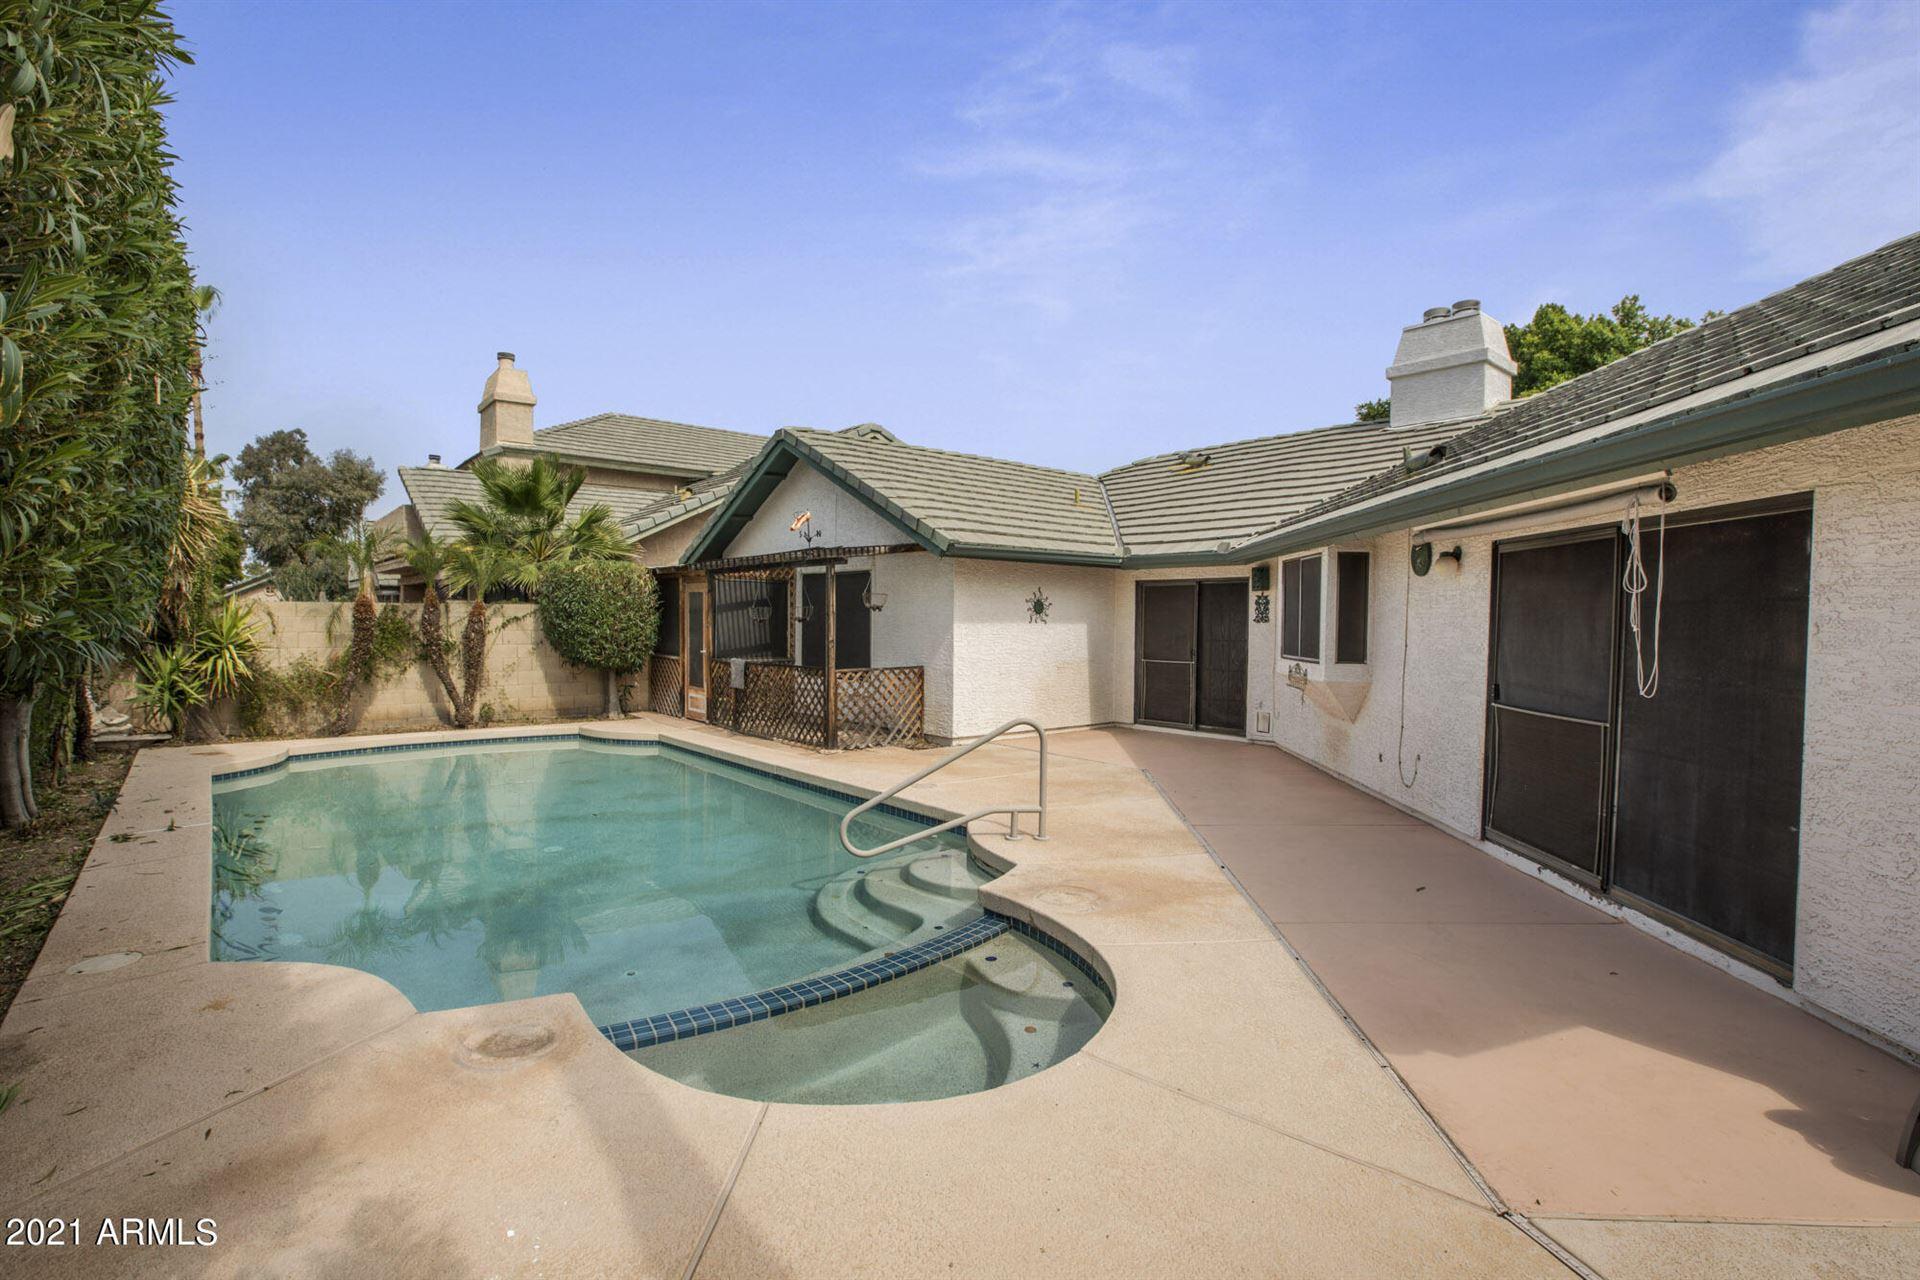 7583 W WIKIEUP Lane, Glendale, AZ 85308 - MLS#: 6255927